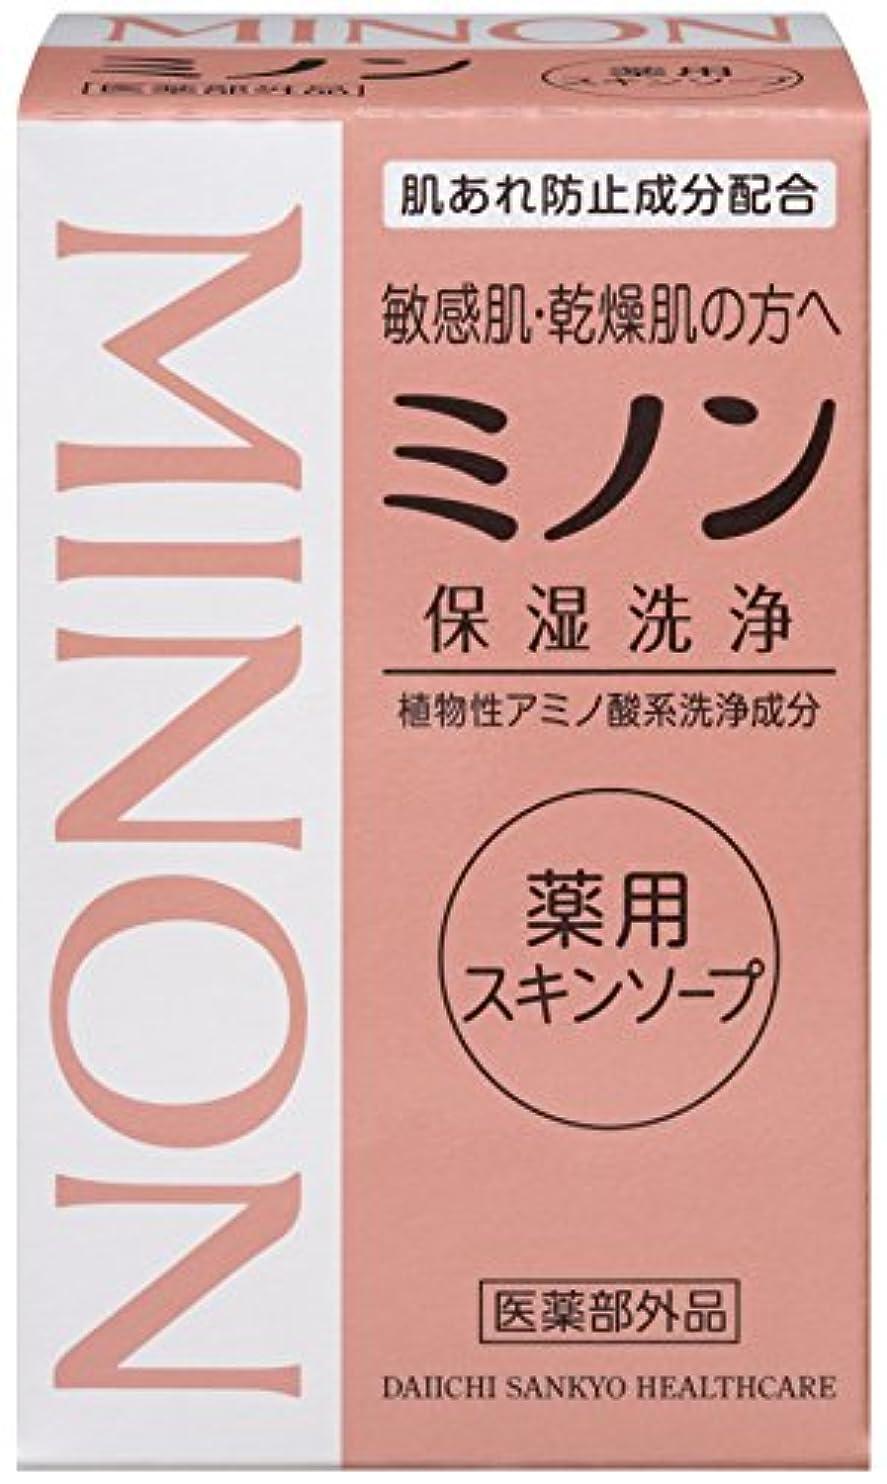 十代船尾生き残りMINON(ミノン) 薬用スキンソープ 80g 【医薬部外品】